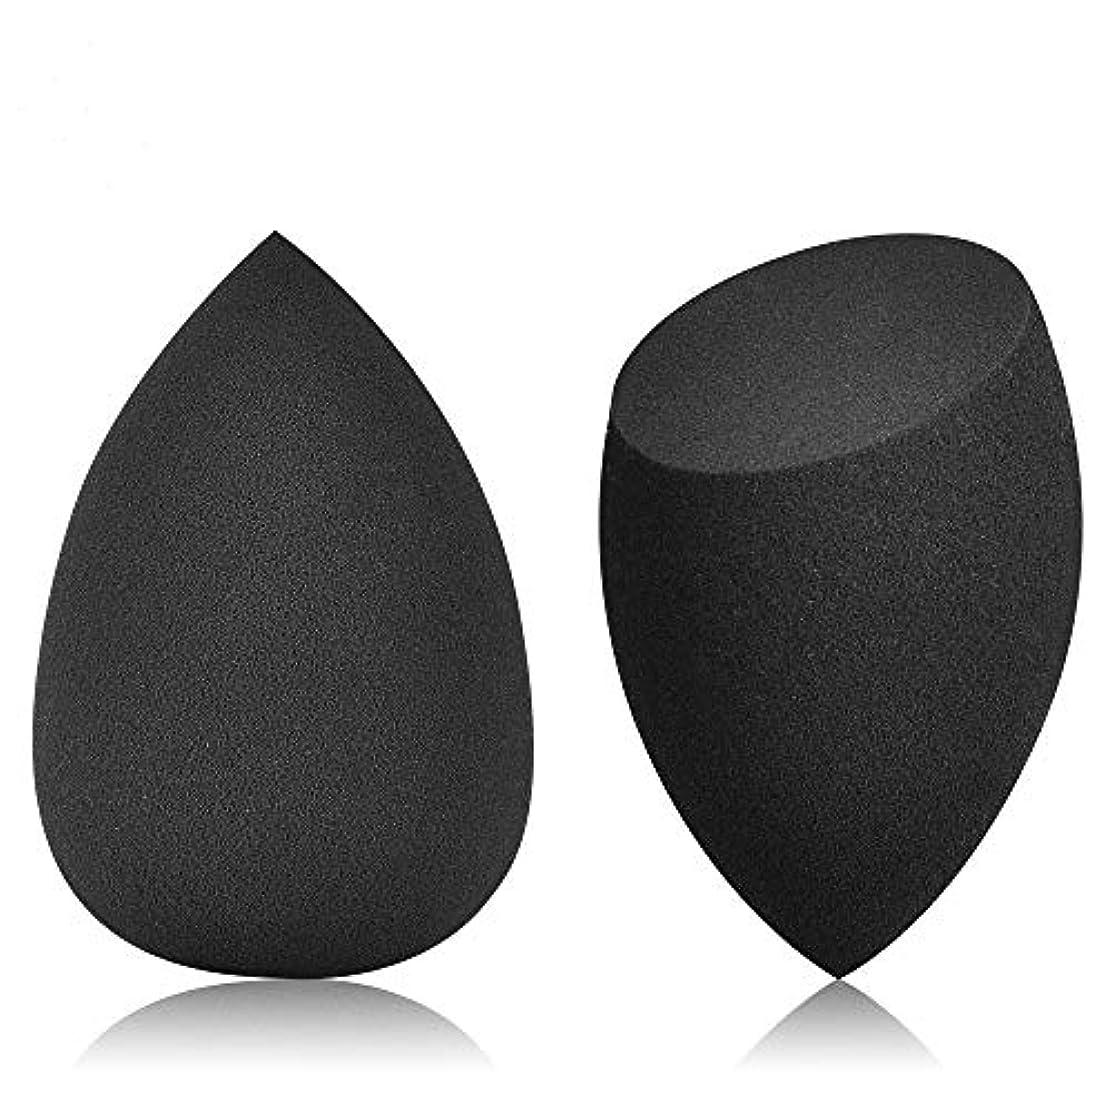 再生的アラスカタクト(JOLIK)メイクスポンジ 化粧用 多機能パフ 乾湿兼用 親水 涙型&ドロップ切断型 2個セット収納ボックス付き ブラック